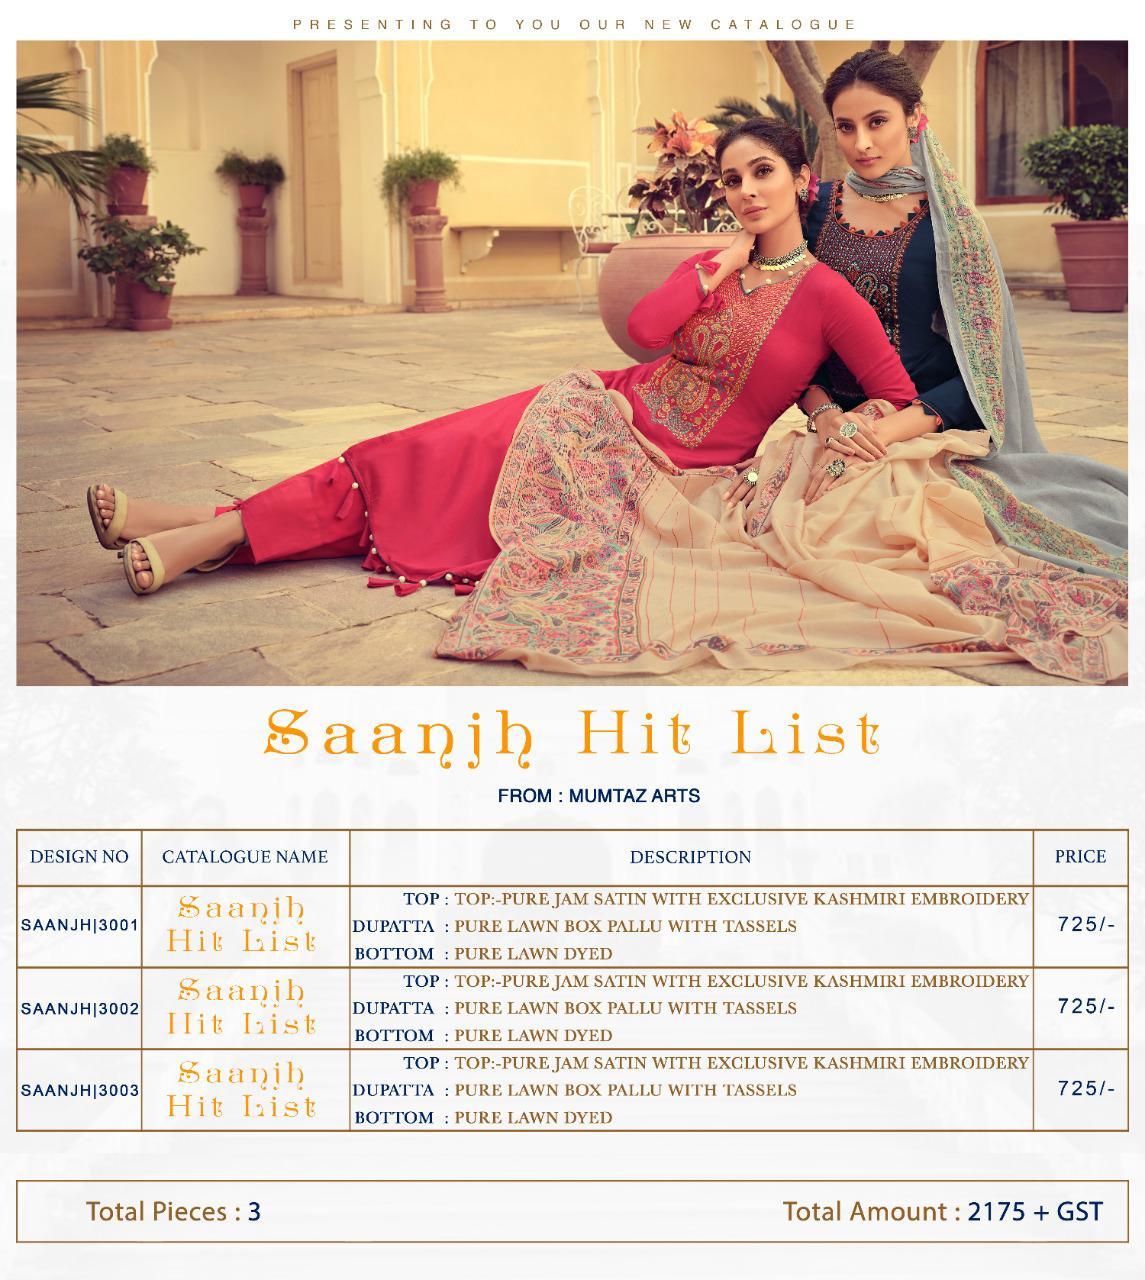 Mumtaz Arts Saanjh Hit List Salwar Suit Wholesale Catalog 3 Pcs 7 - Mumtaz Arts Saanjh Hit List Salwar Suit Wholesale Catalog 3 Pcs